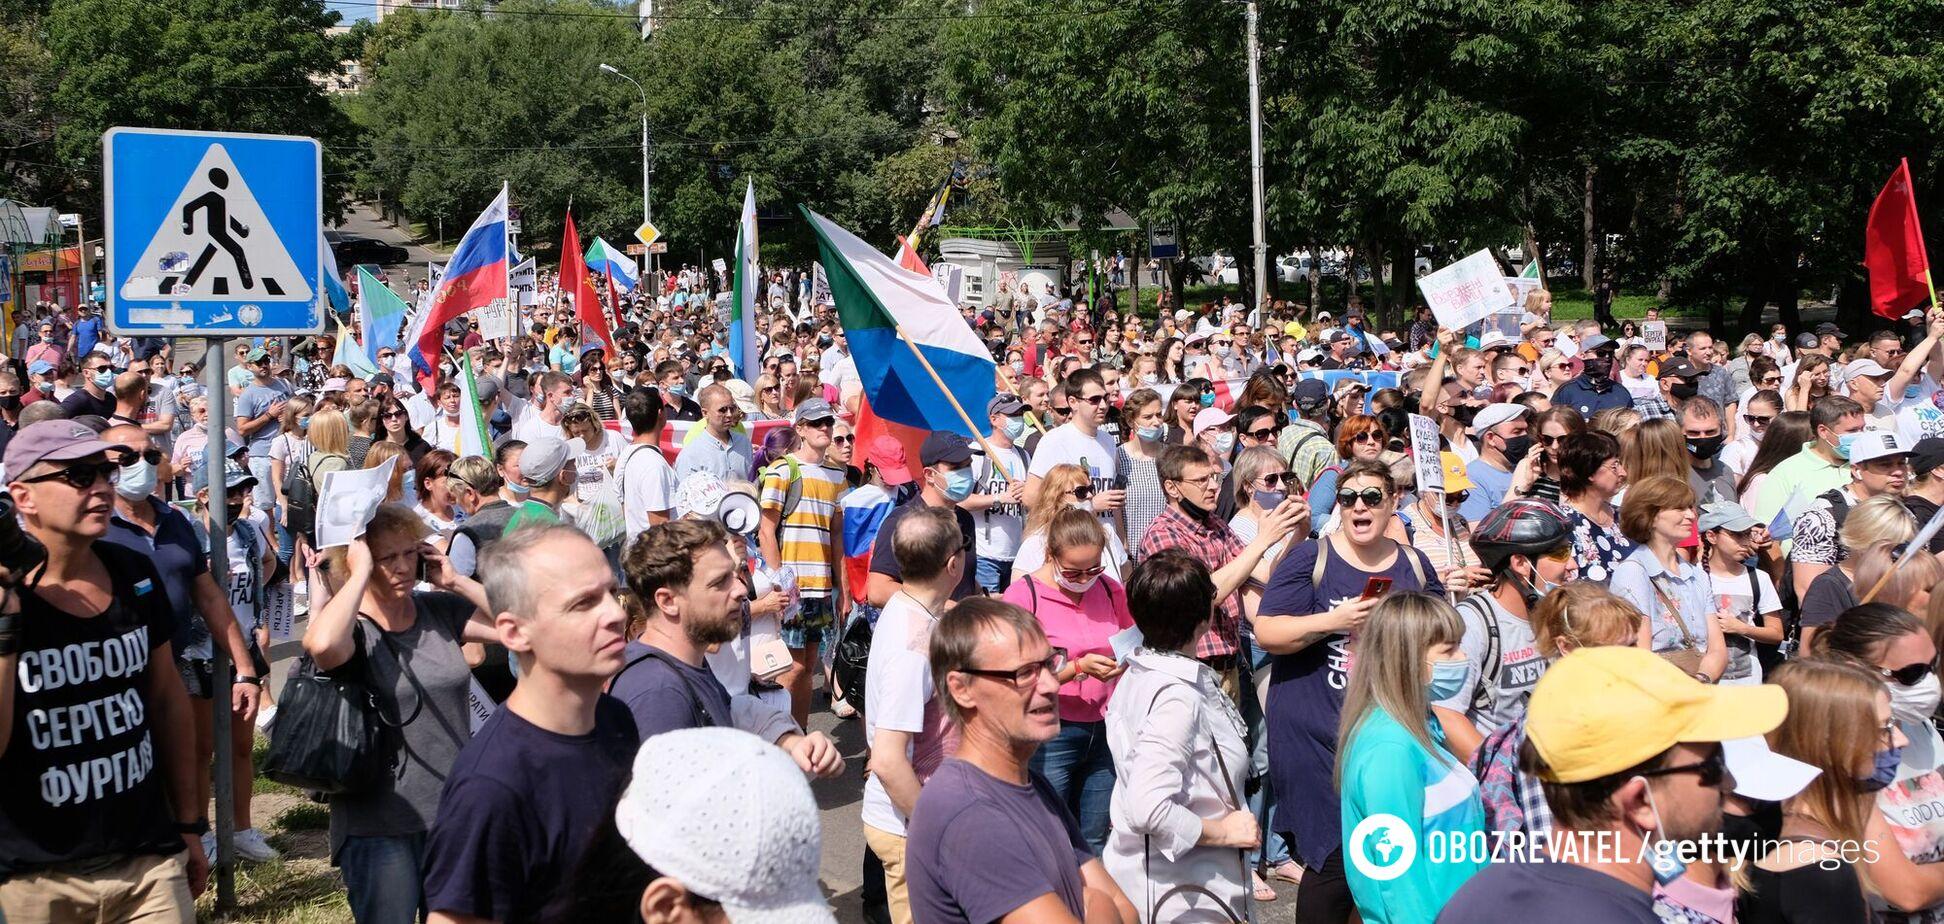 У Хабаровську знову вийшли на мітинг проти Путіна та підтримали Білорусь. Фото і відео